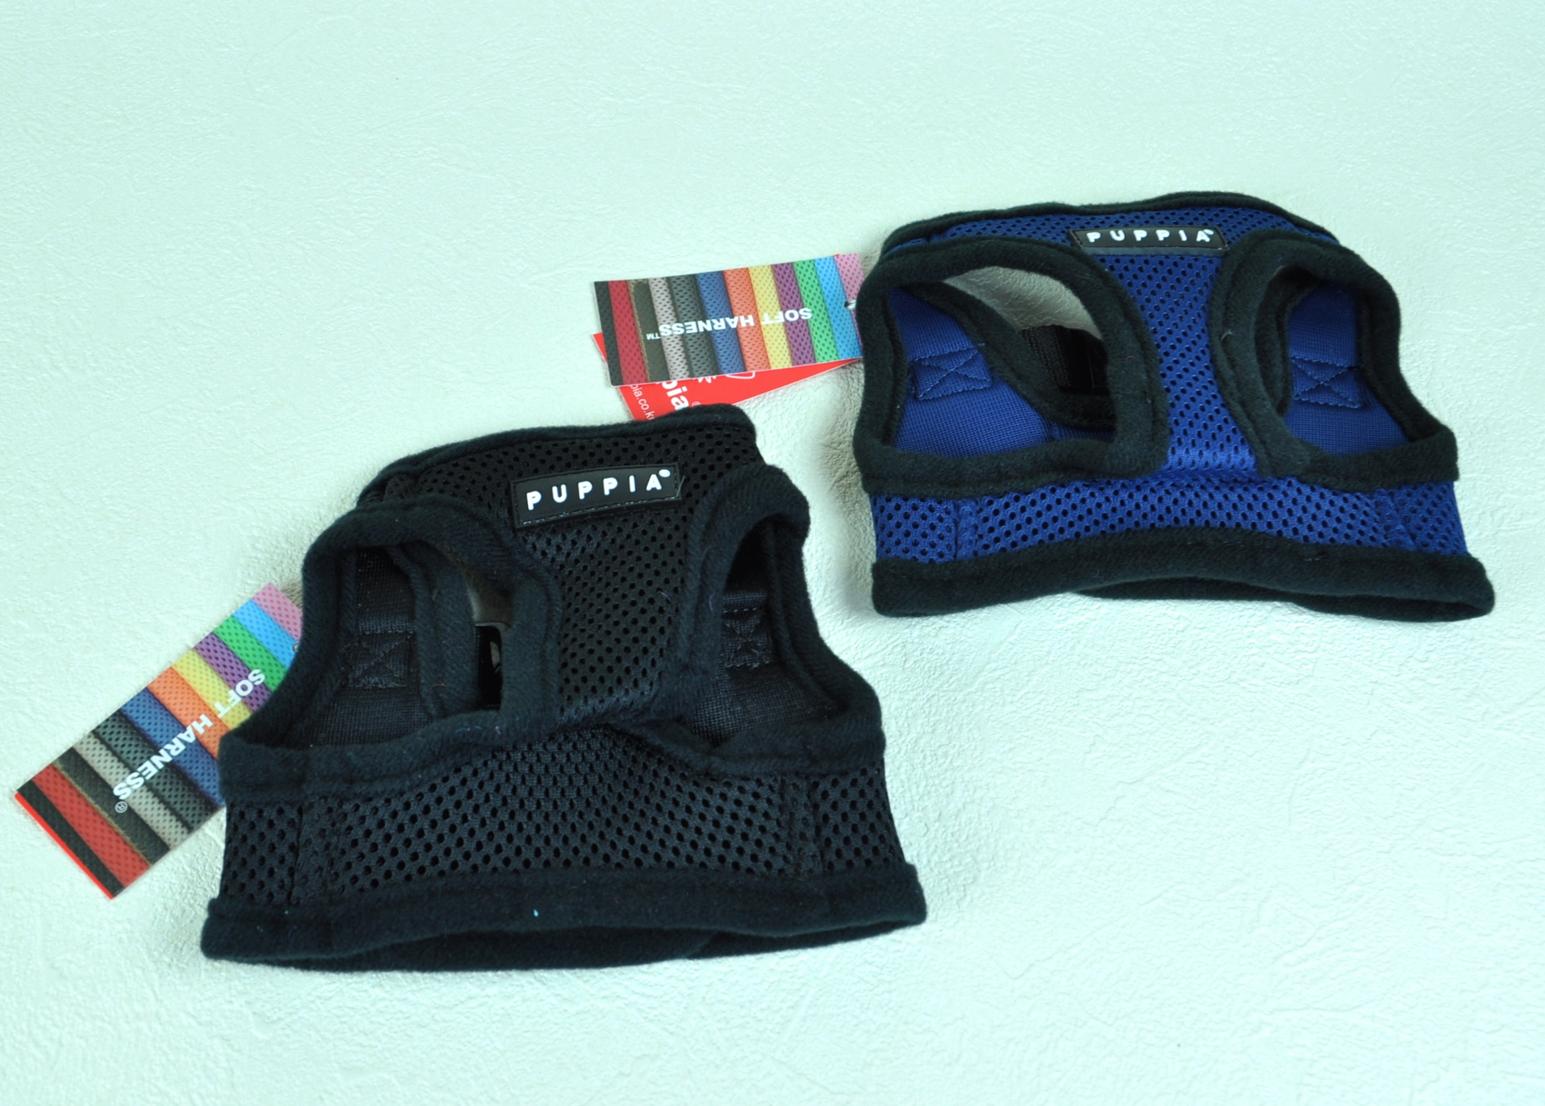 【PUPPIA:パピア】ソフトハーネス  Sサイズ (ブラック / ブルー)